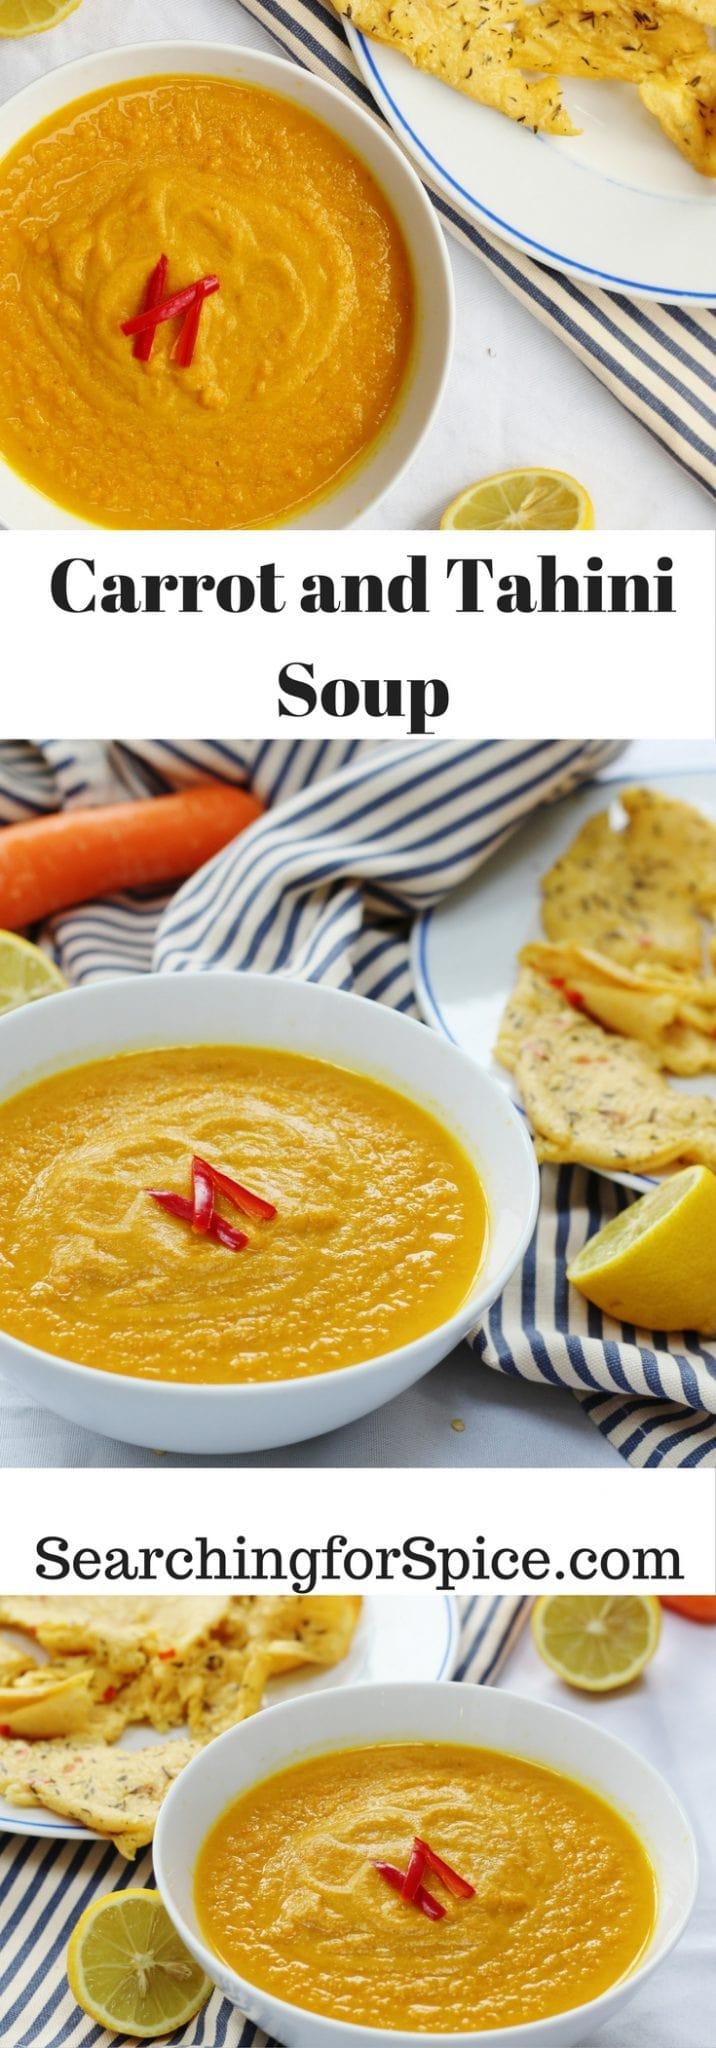 Carrot and Tahini Soup